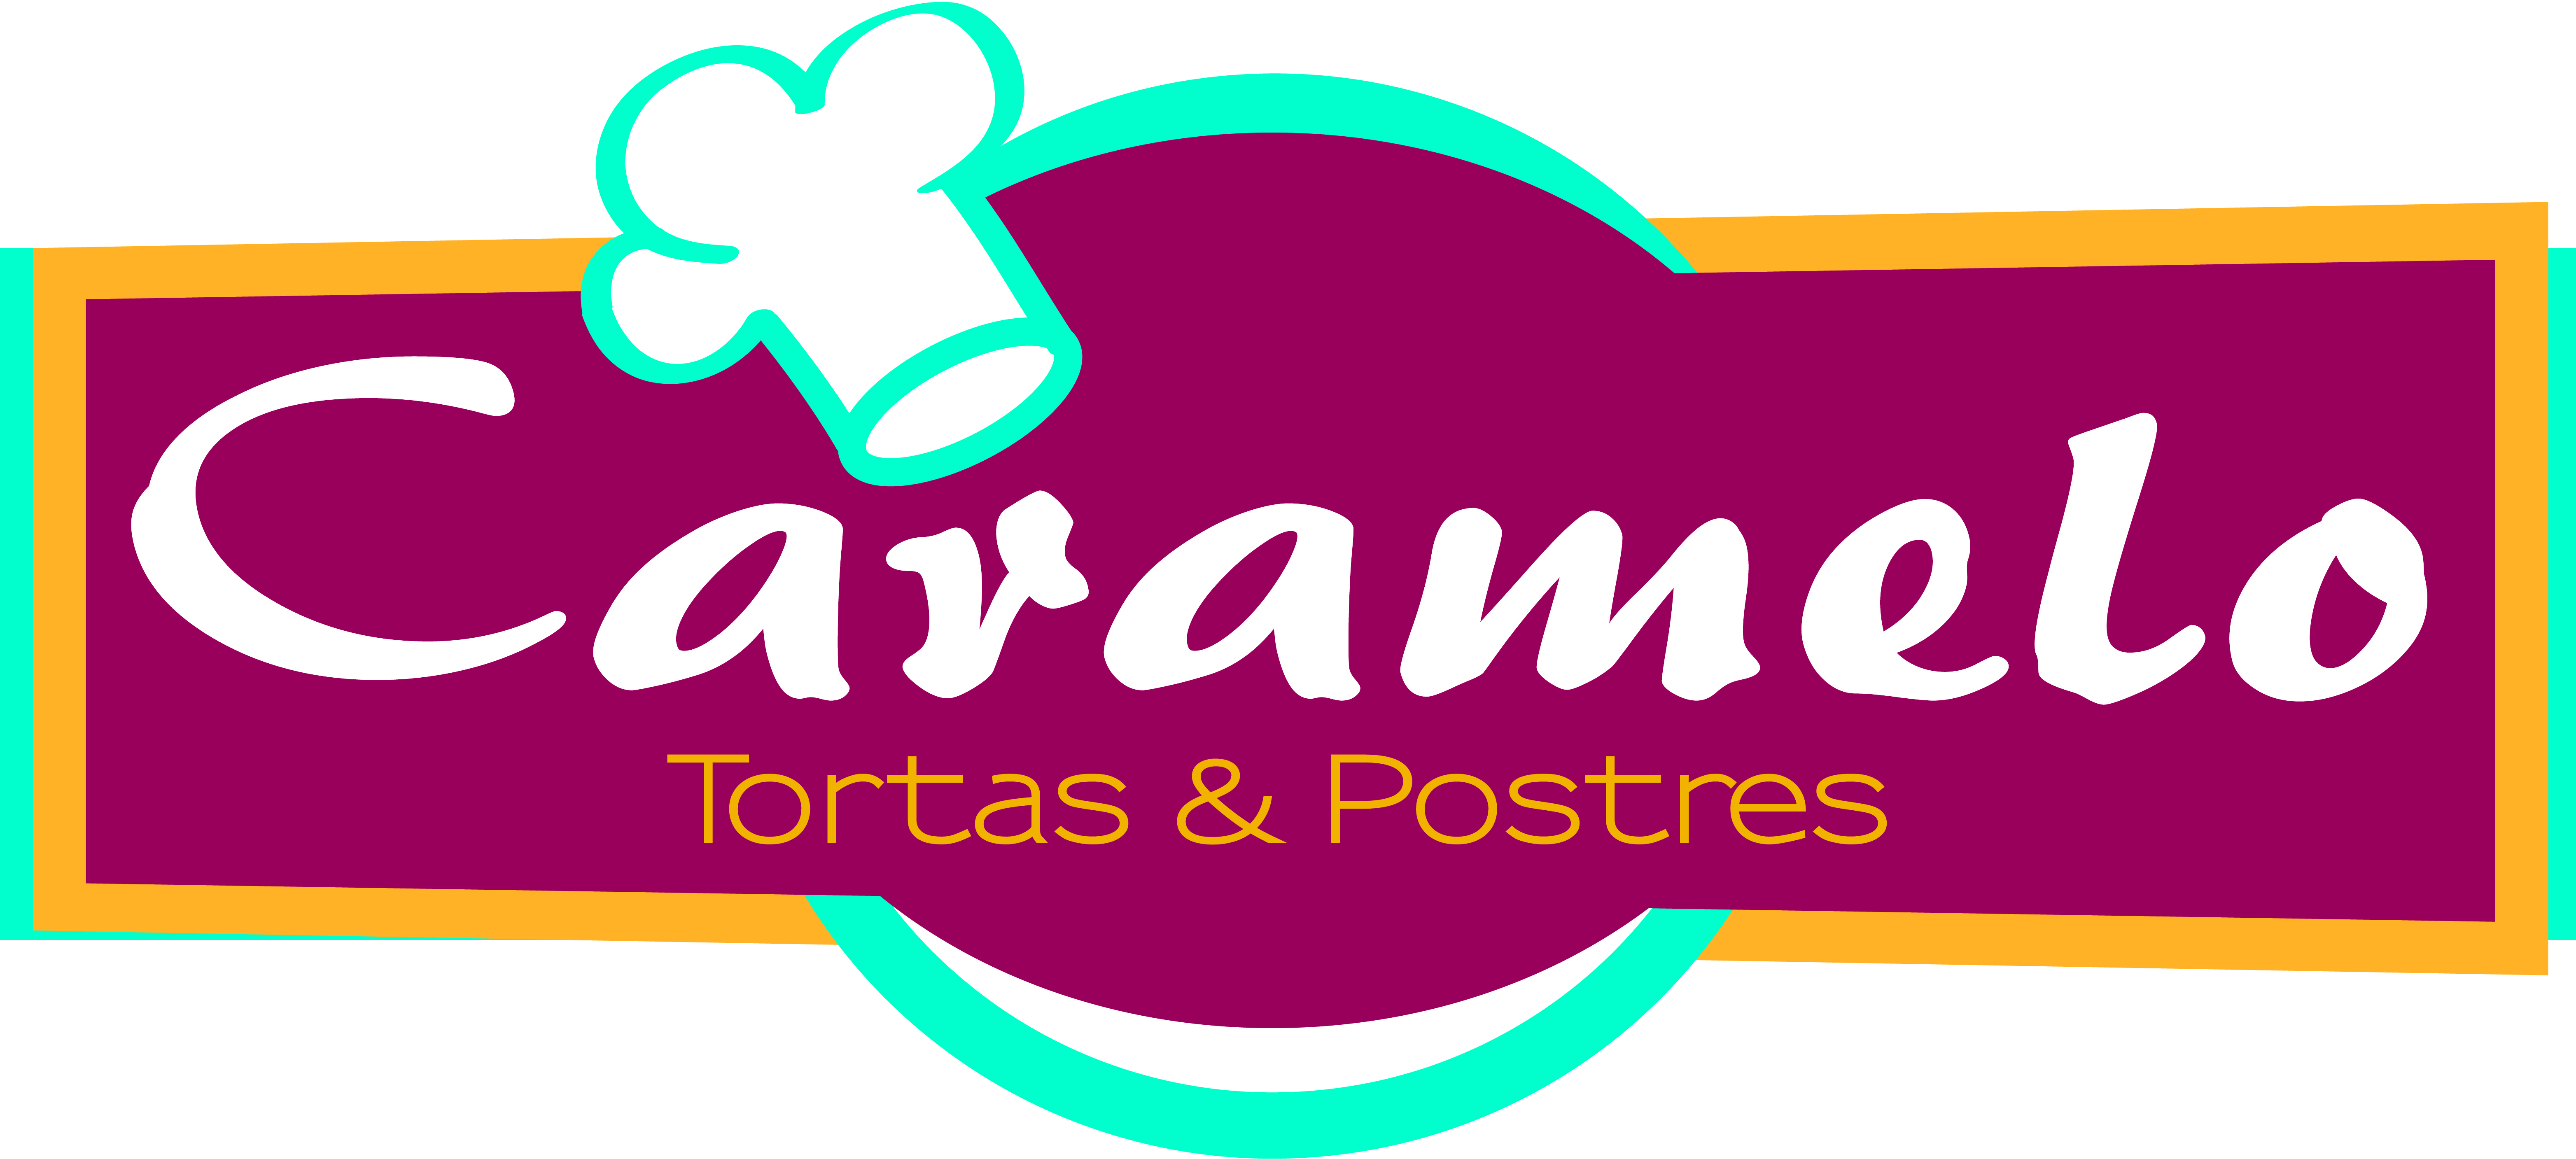 Caramelo Tortas y Postres Armenia